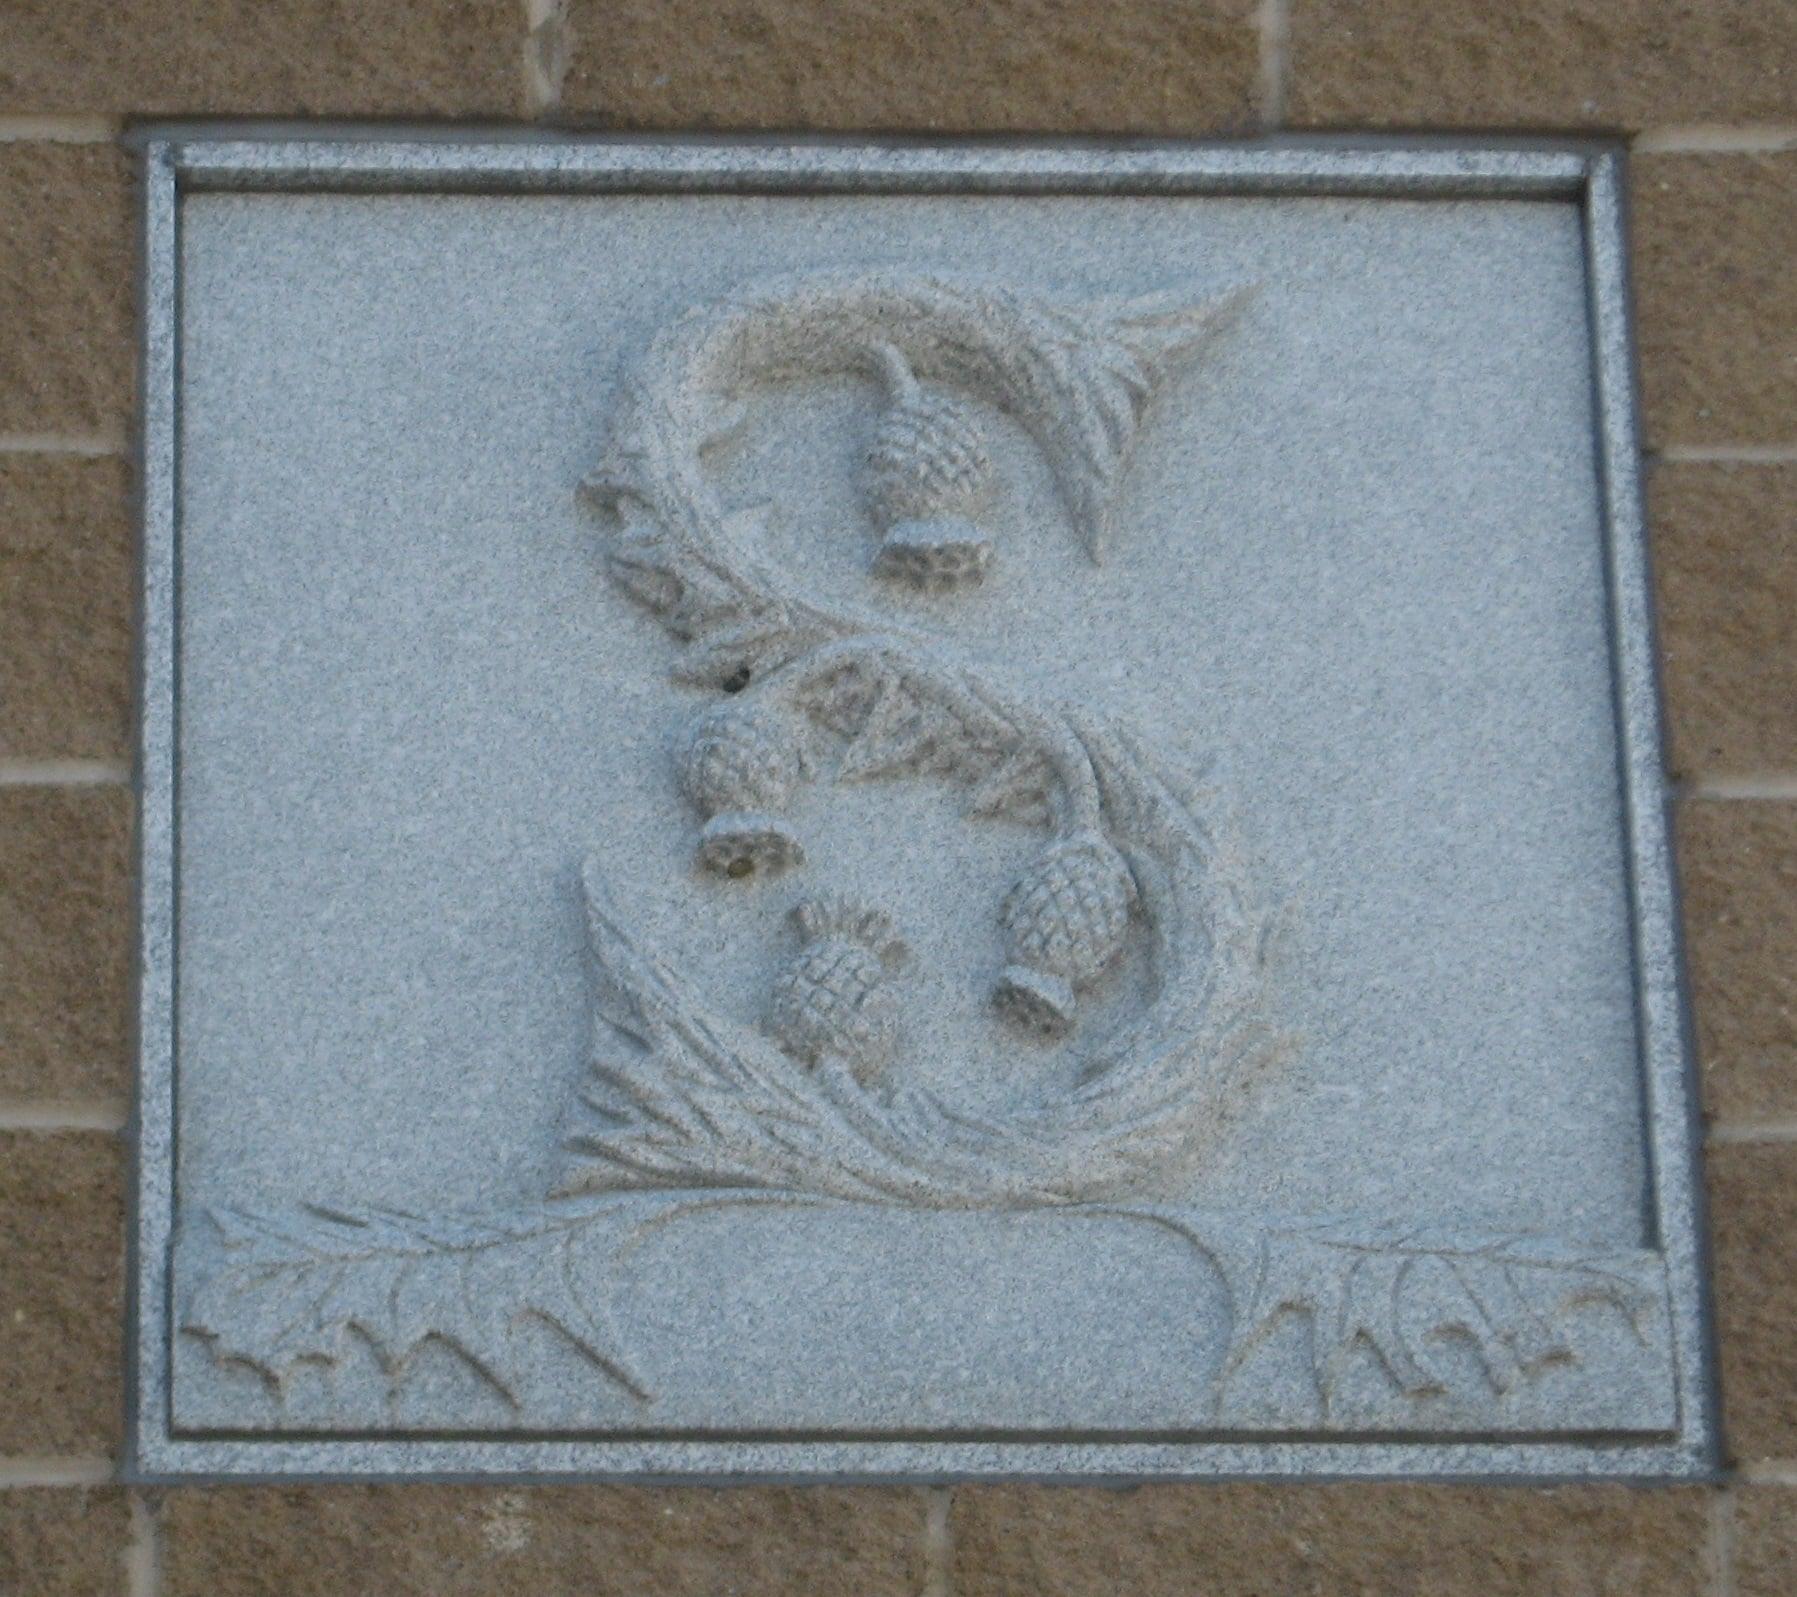 scottish-thistle-plaque-2007.jpg